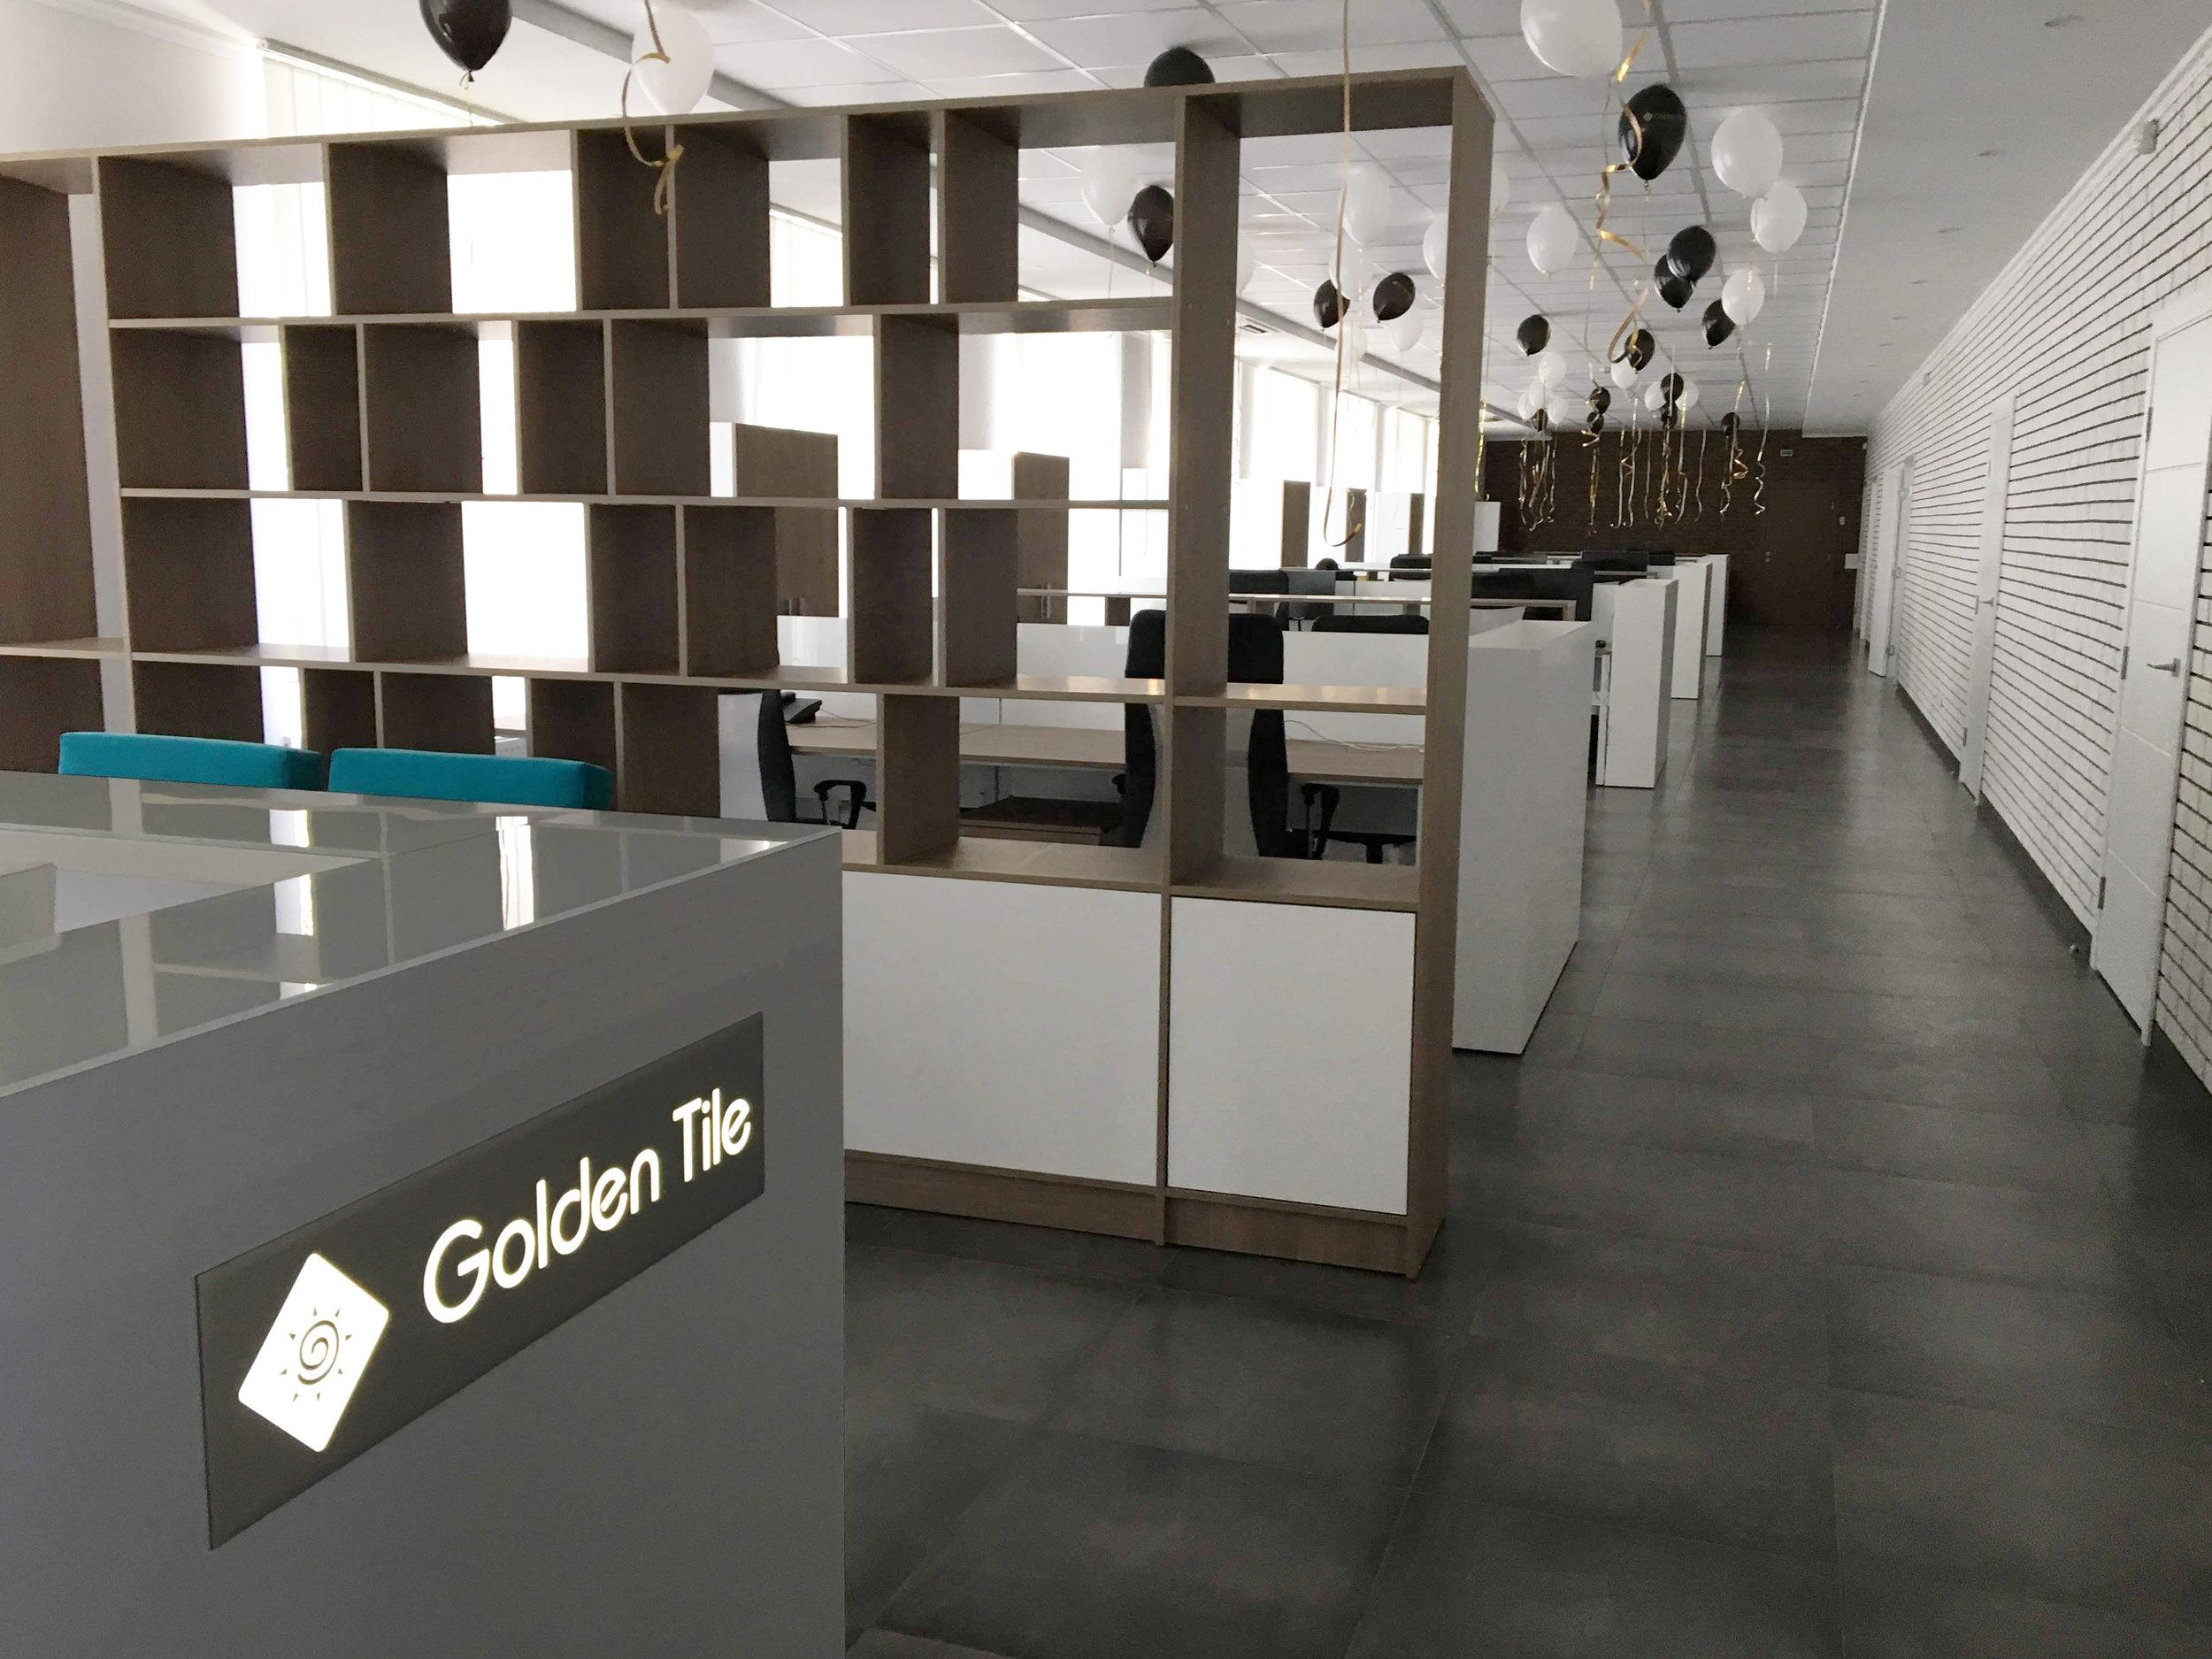 Golden Tile - Виды работ: строительно-отделочные работы, полное меблирование помещения